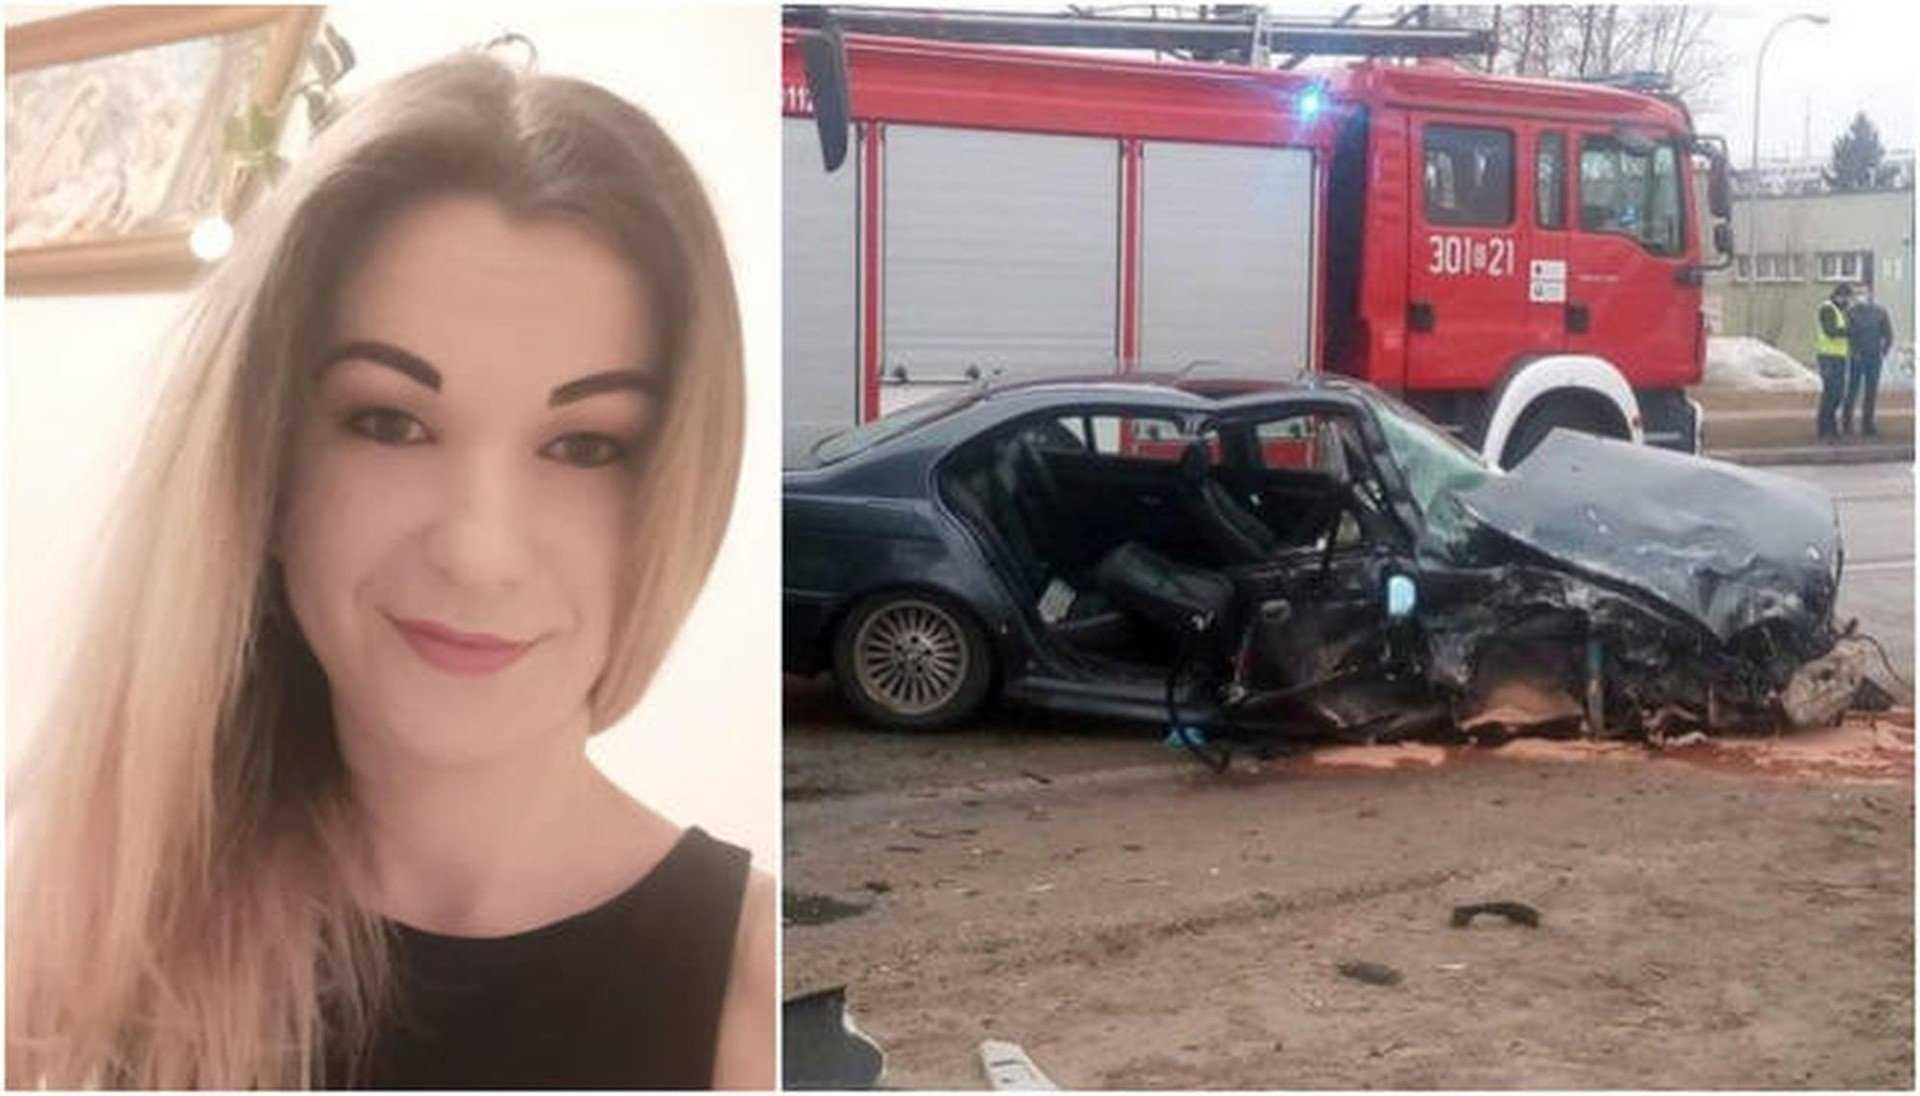 Białystok, nie żyje 23-latka. Walczyła o życie po wypadku, do którego doszło prawdopodobnie z winy policjanta